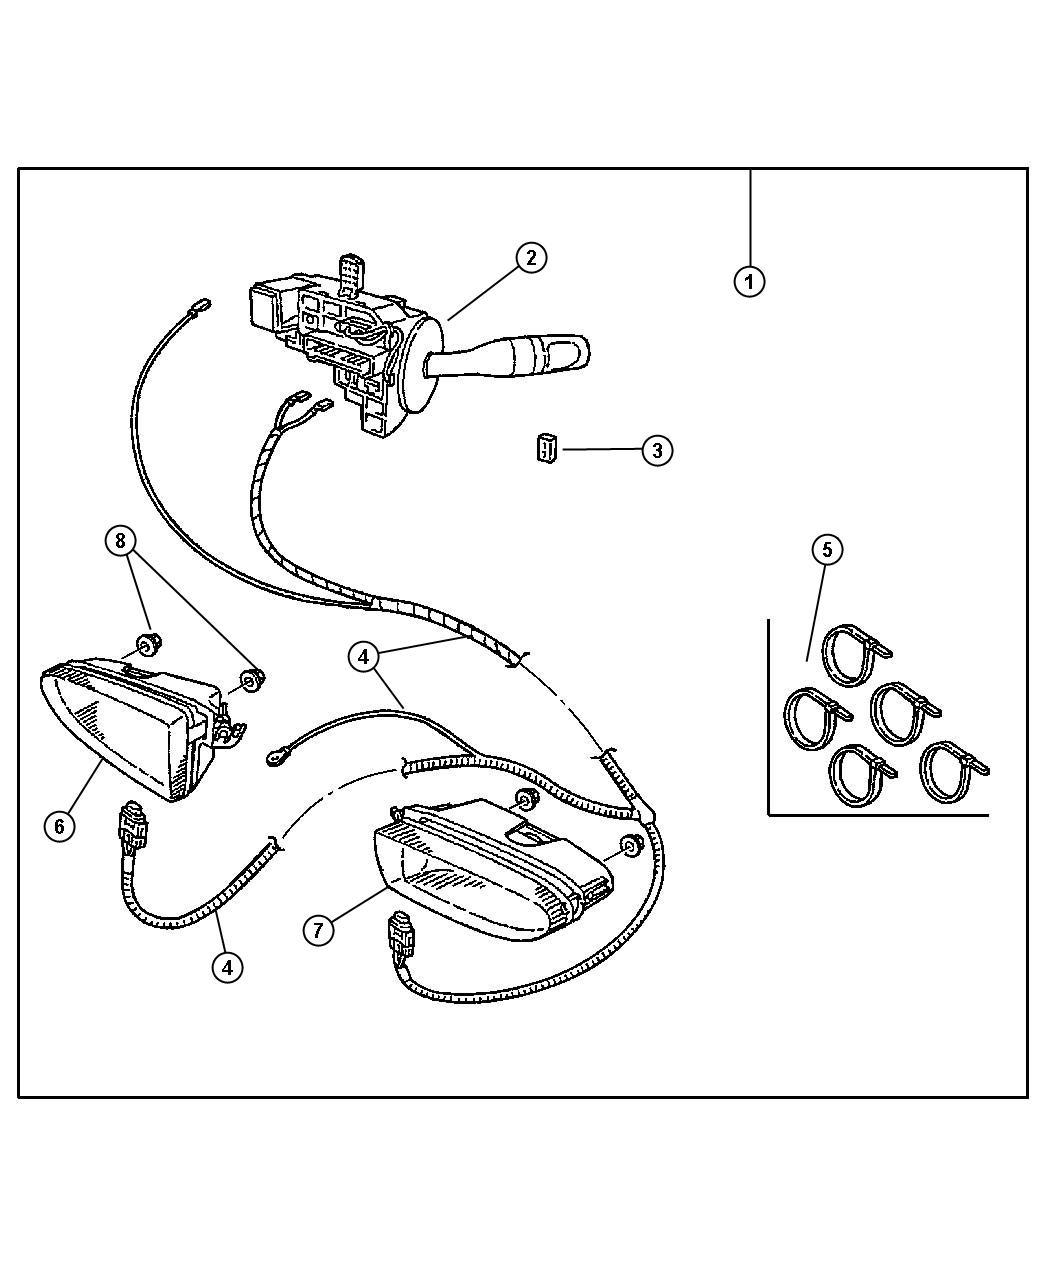 pt cruiser transmission parts diagram  u2013 jerusalem house